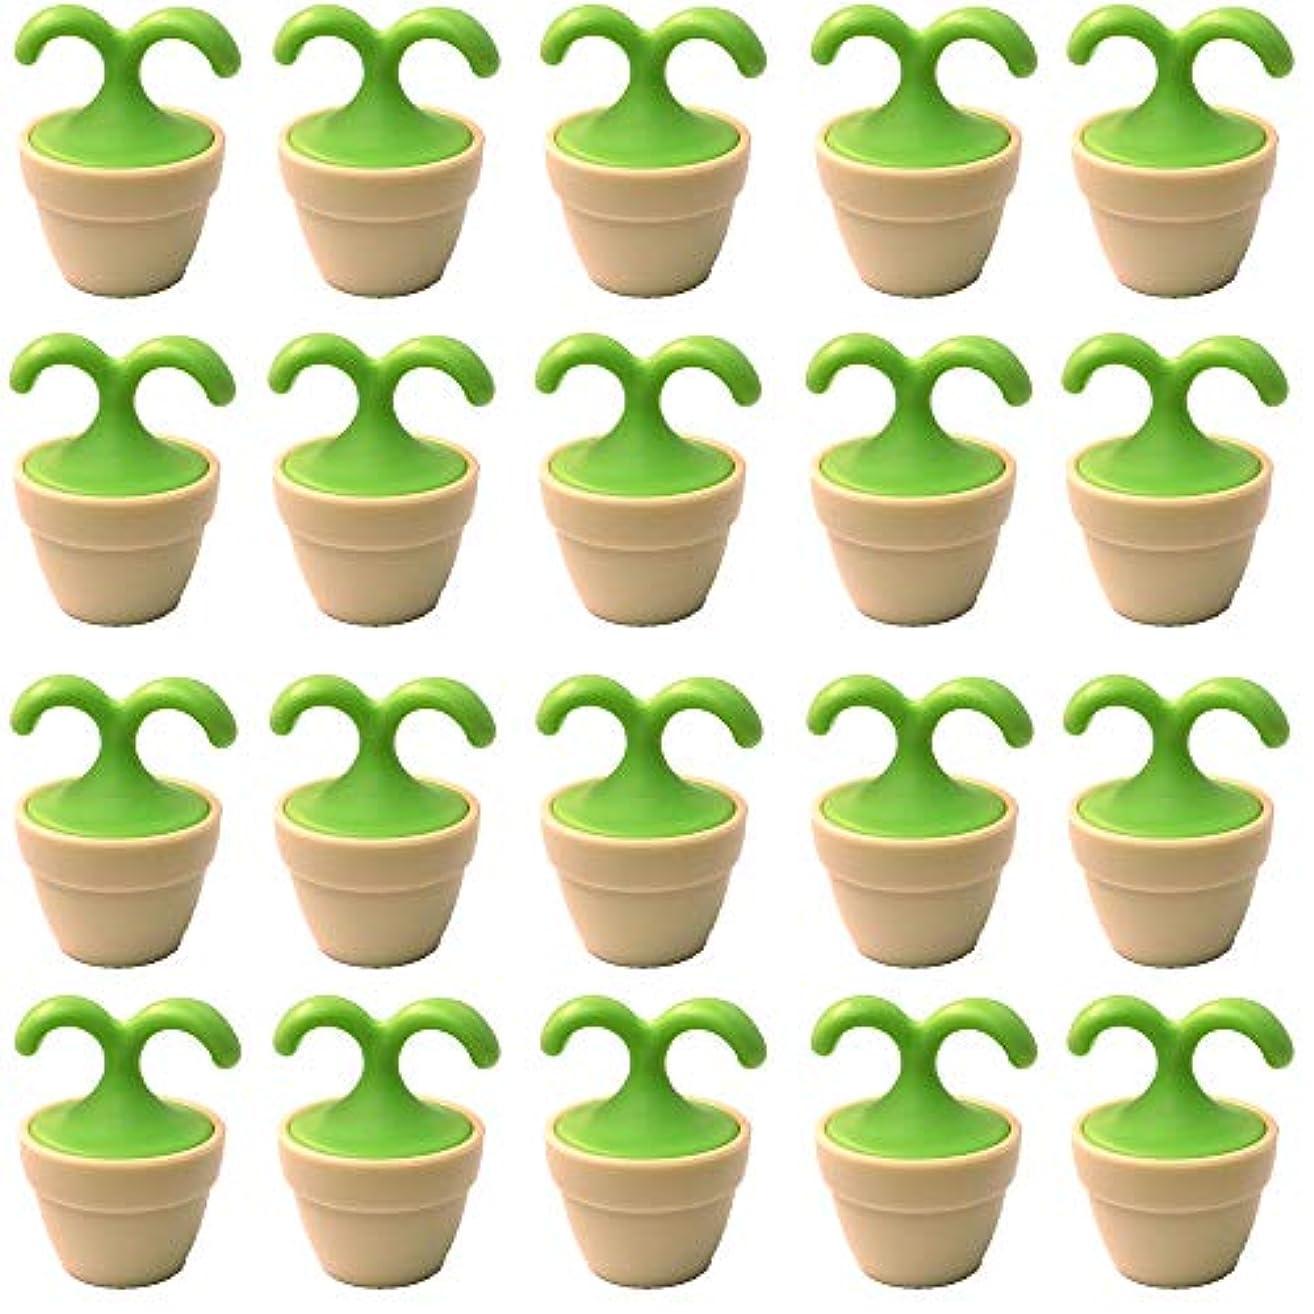 植木鉢コロコロマッサージャー 20個入り 退職転勤お礼プチギフト 専用ボックス入りラッピング サンキューシール付き(20個入り)